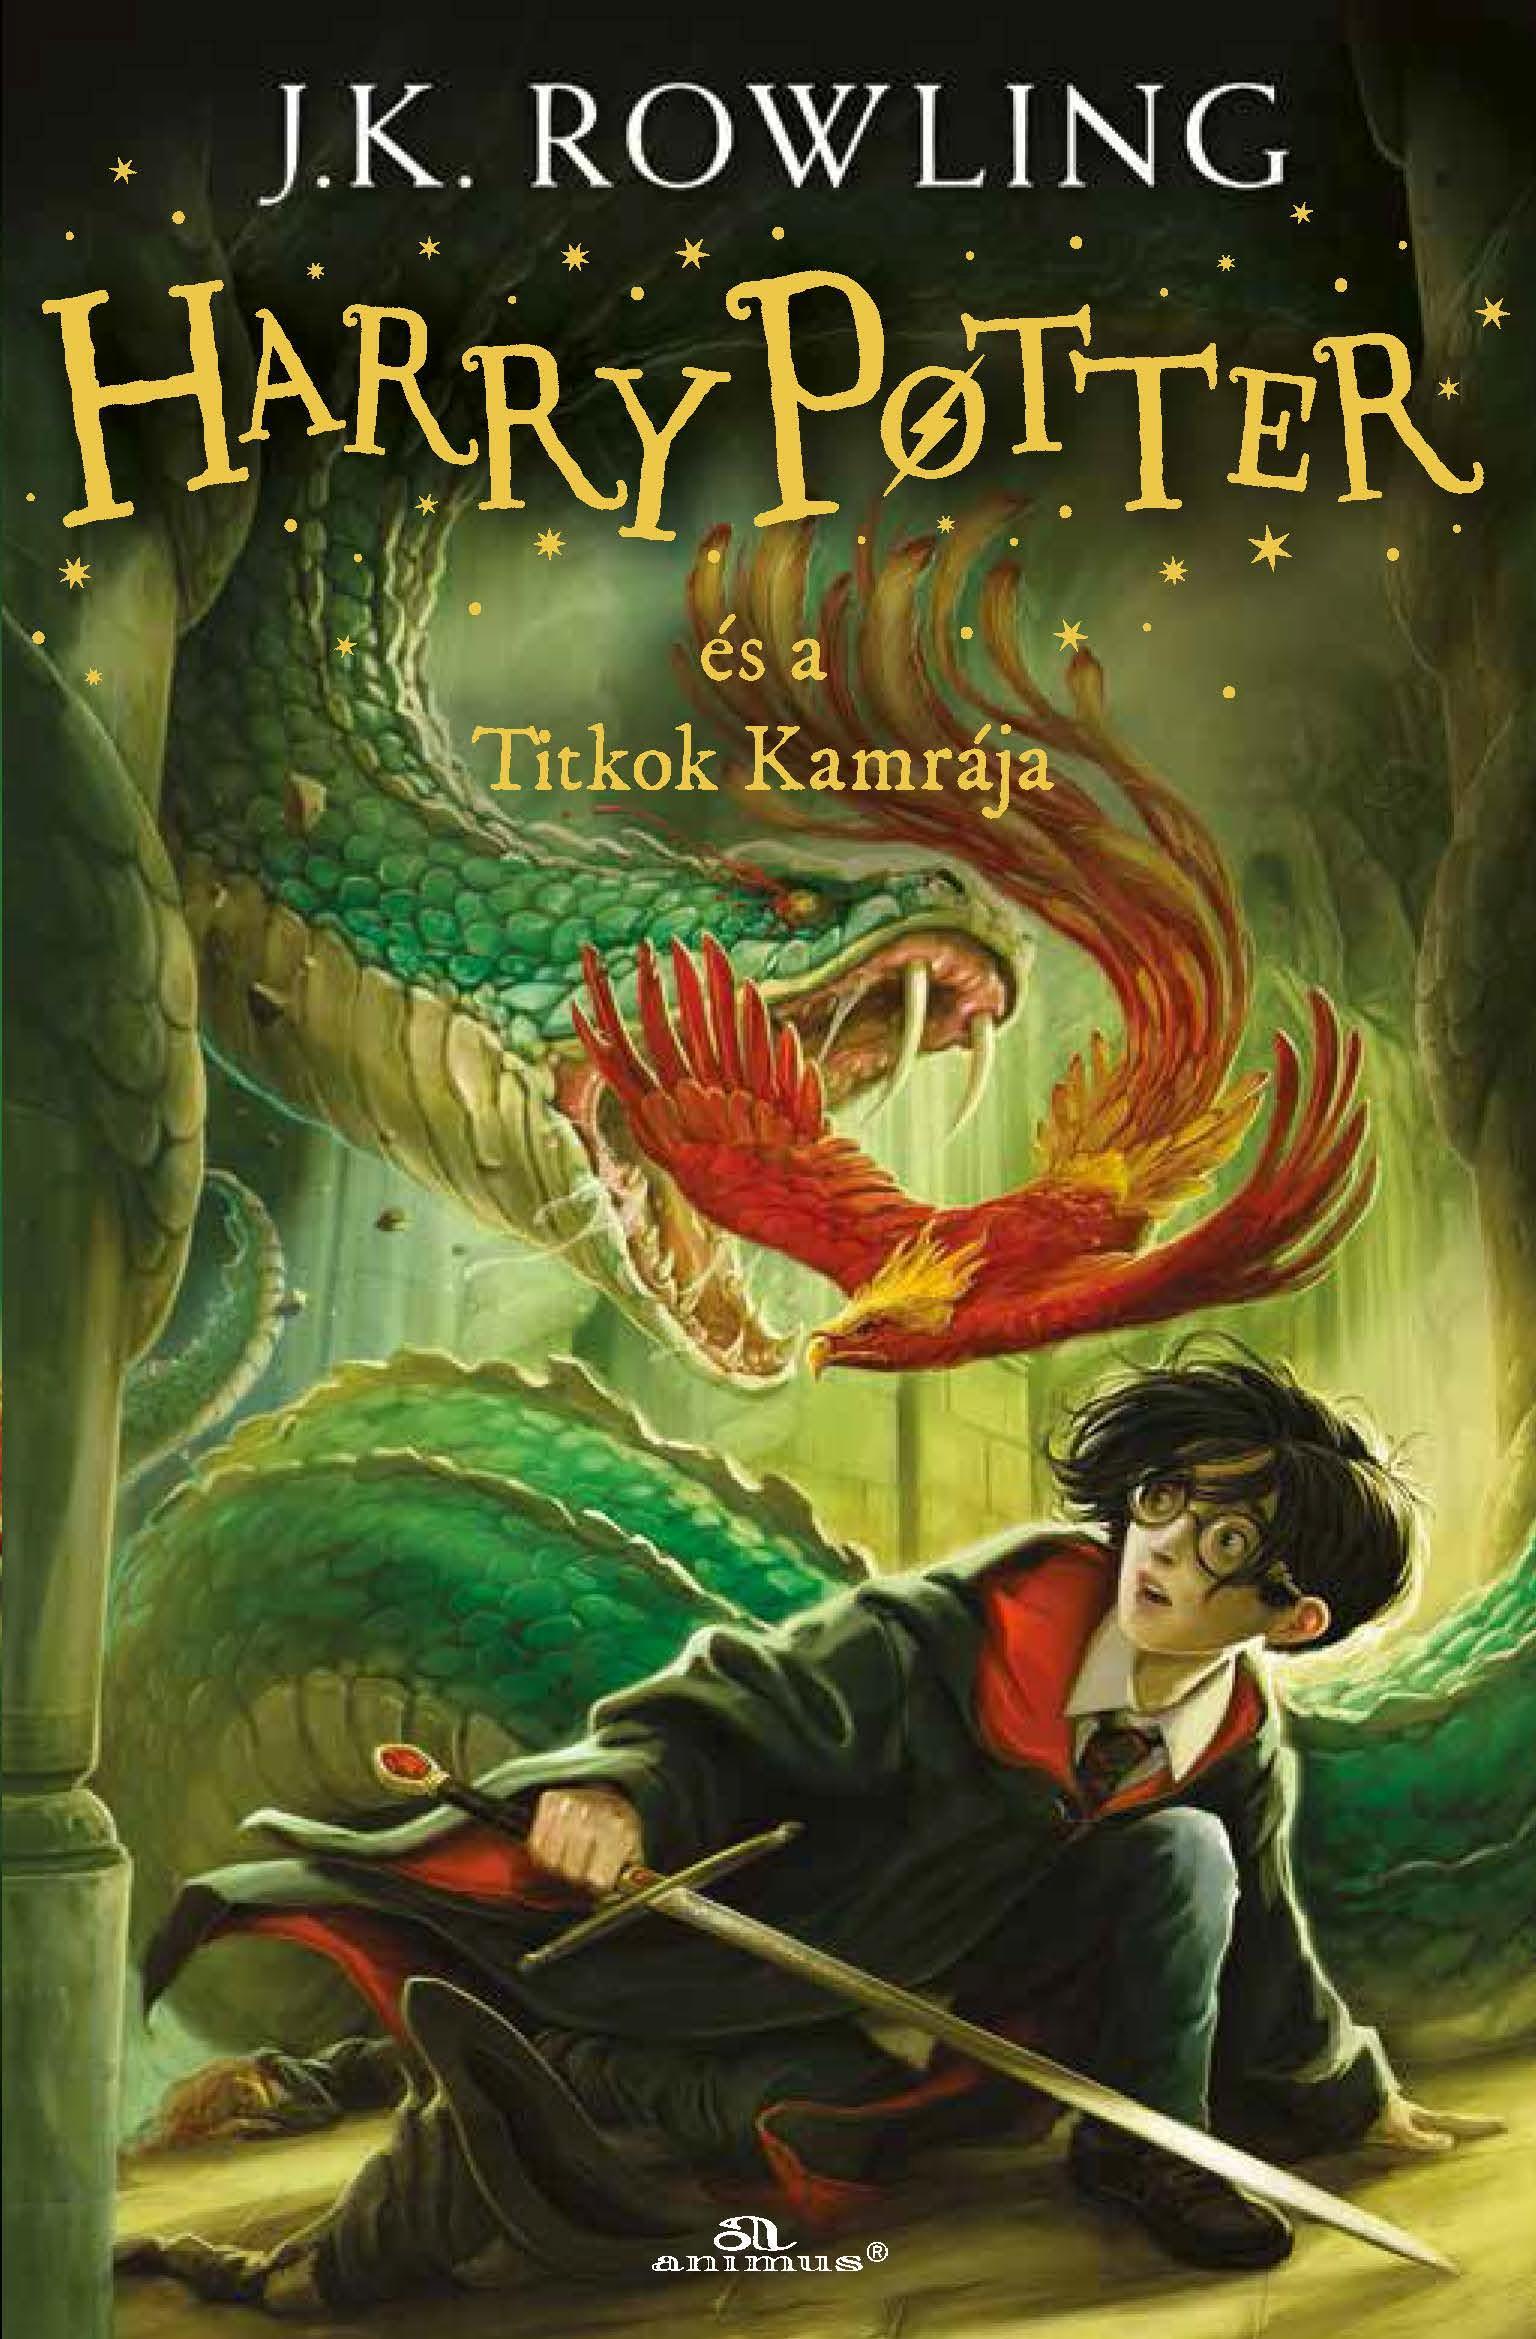 Harry Potter és a Titkok Kamrája - puha